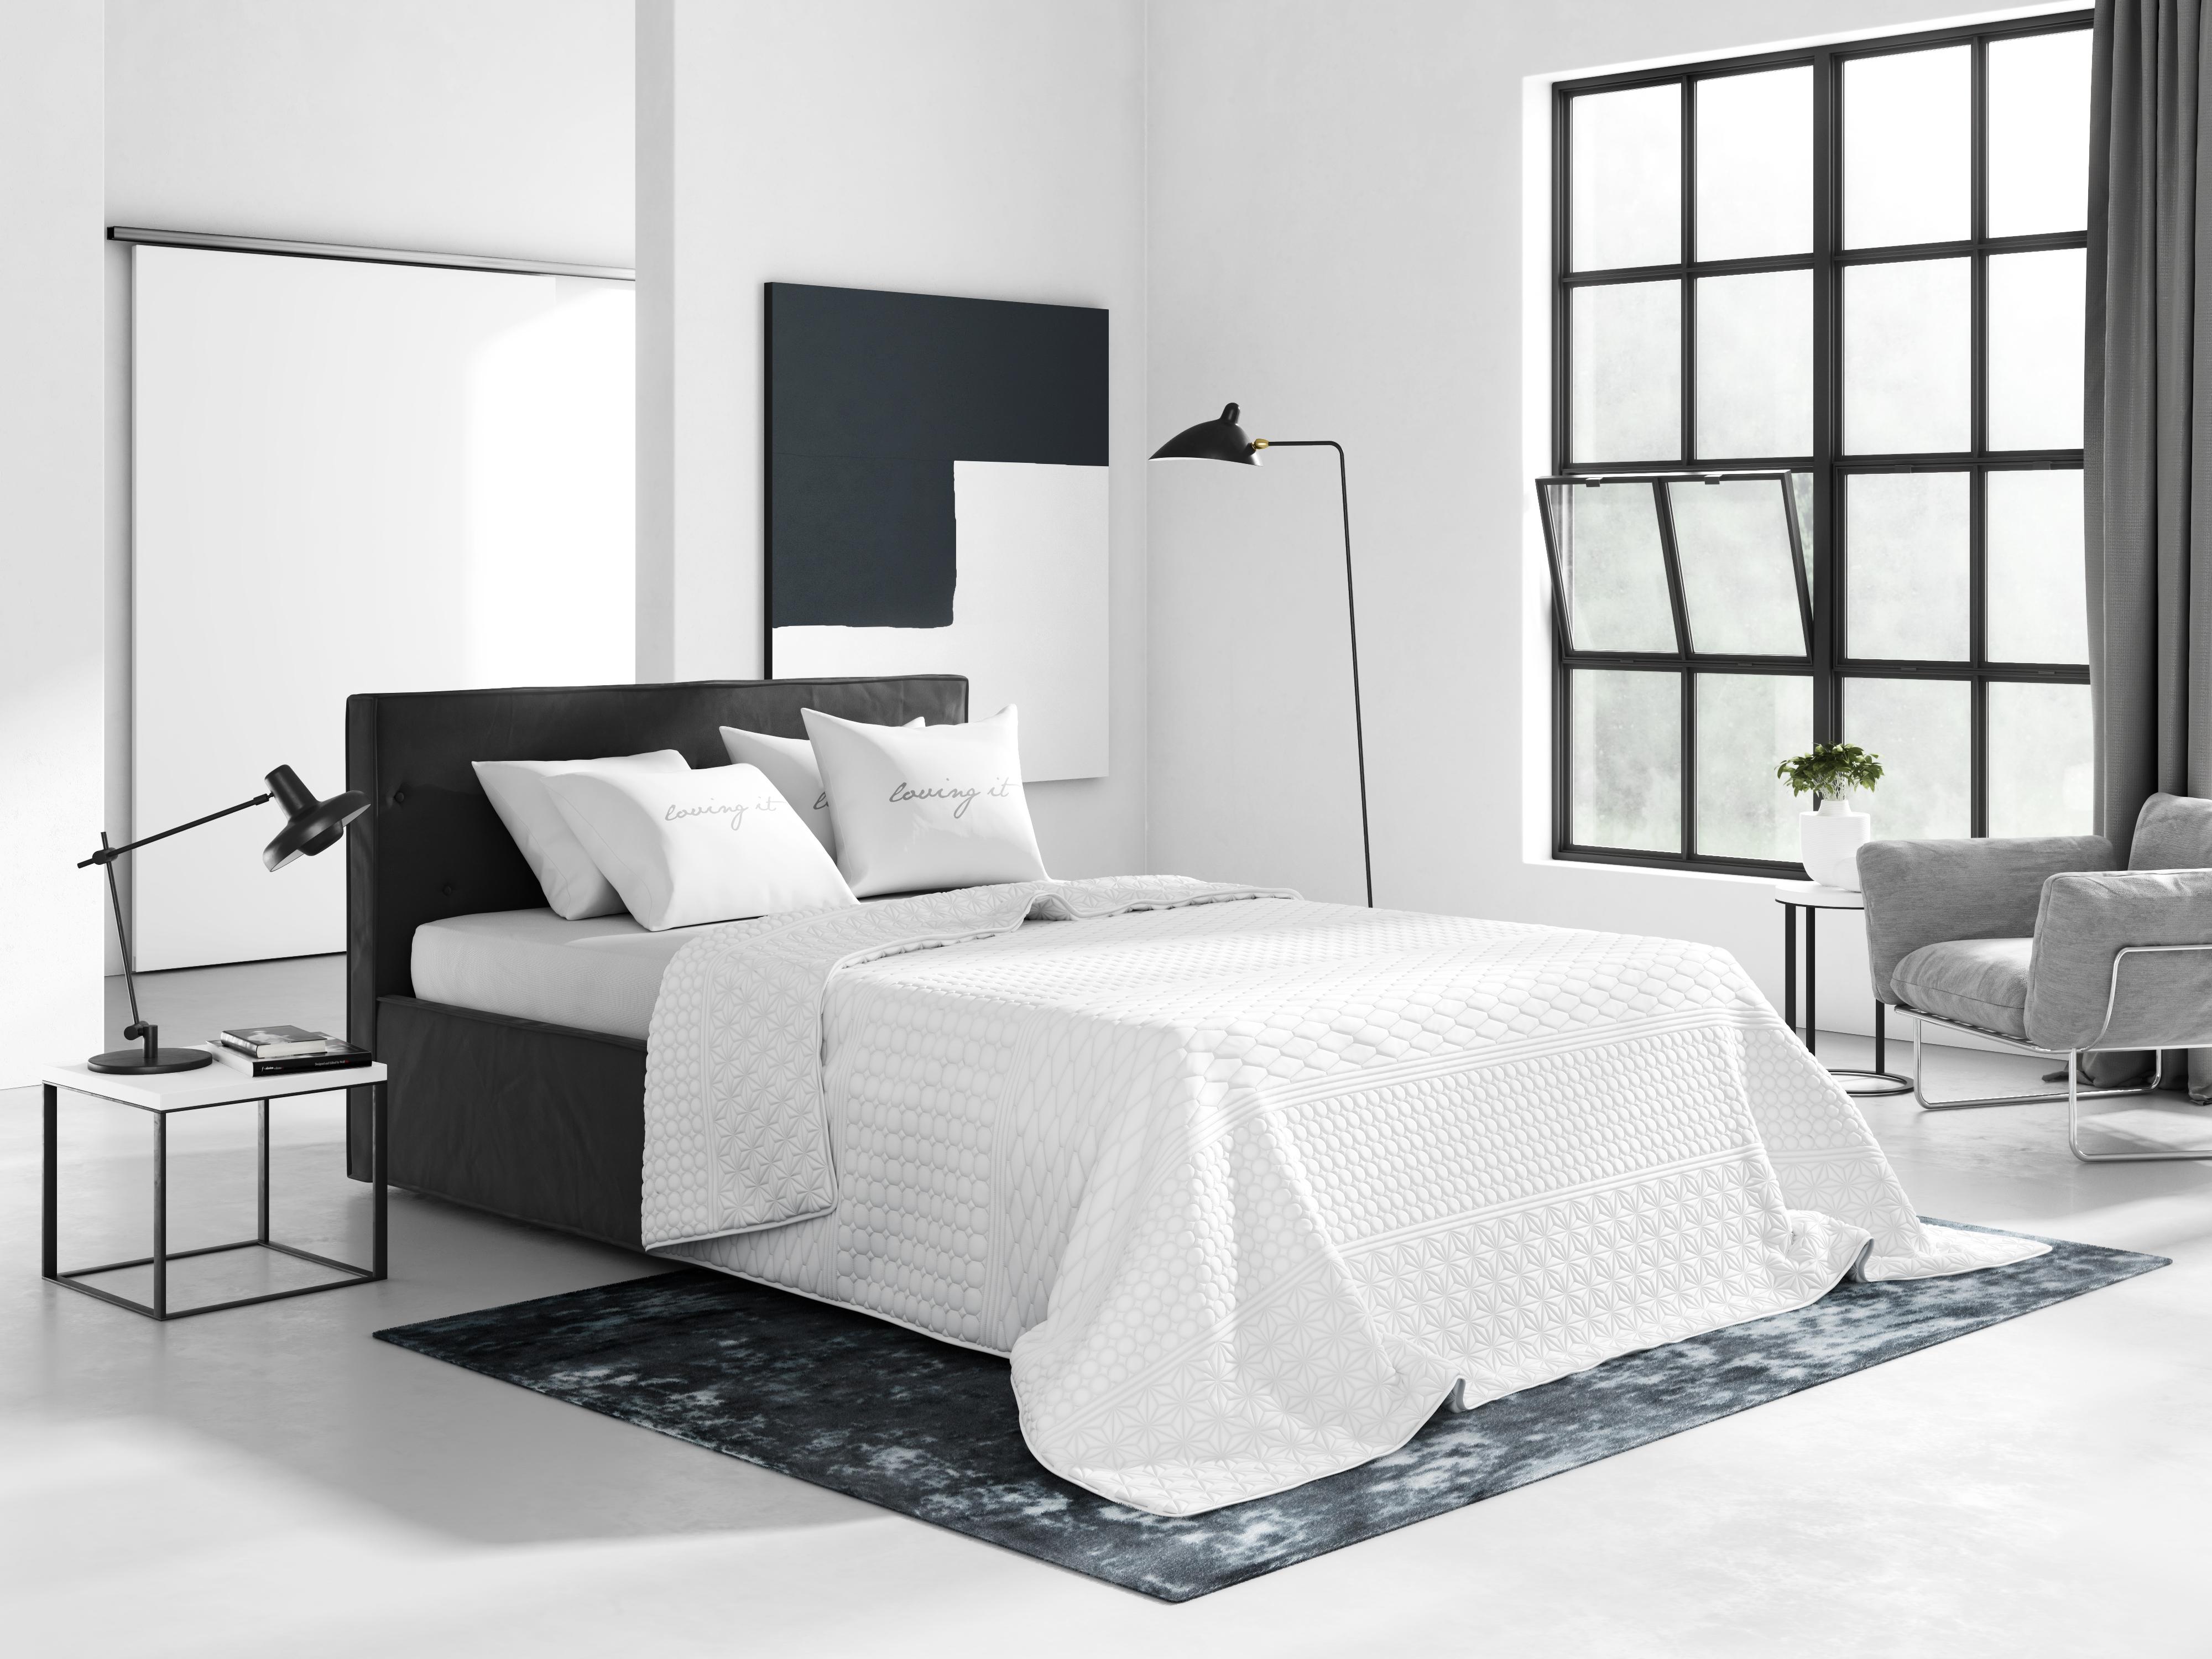 Wysokiej Jakości Francuska Narzuta 200x220 Tłoczona Do Sypialni W Kolorze Białym